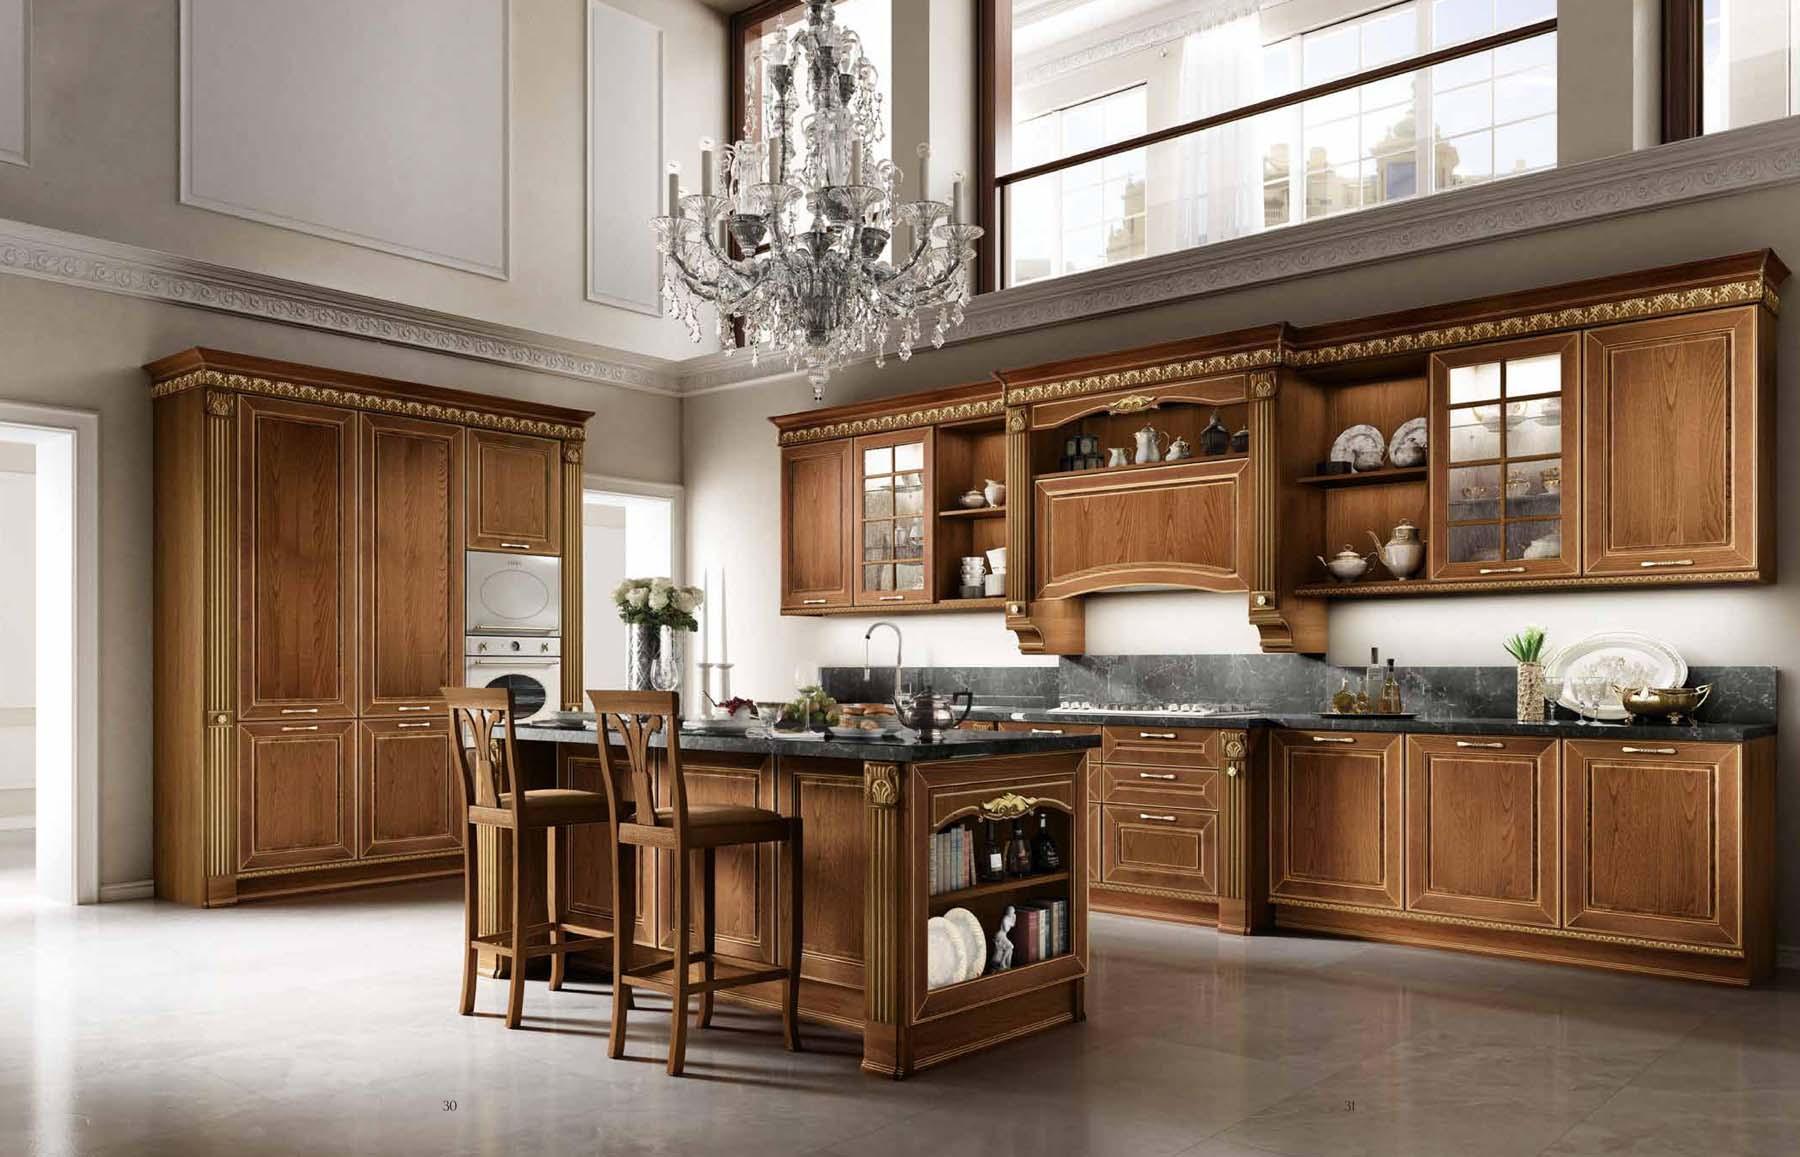 Итальянская фабрика кухонь ar-tre